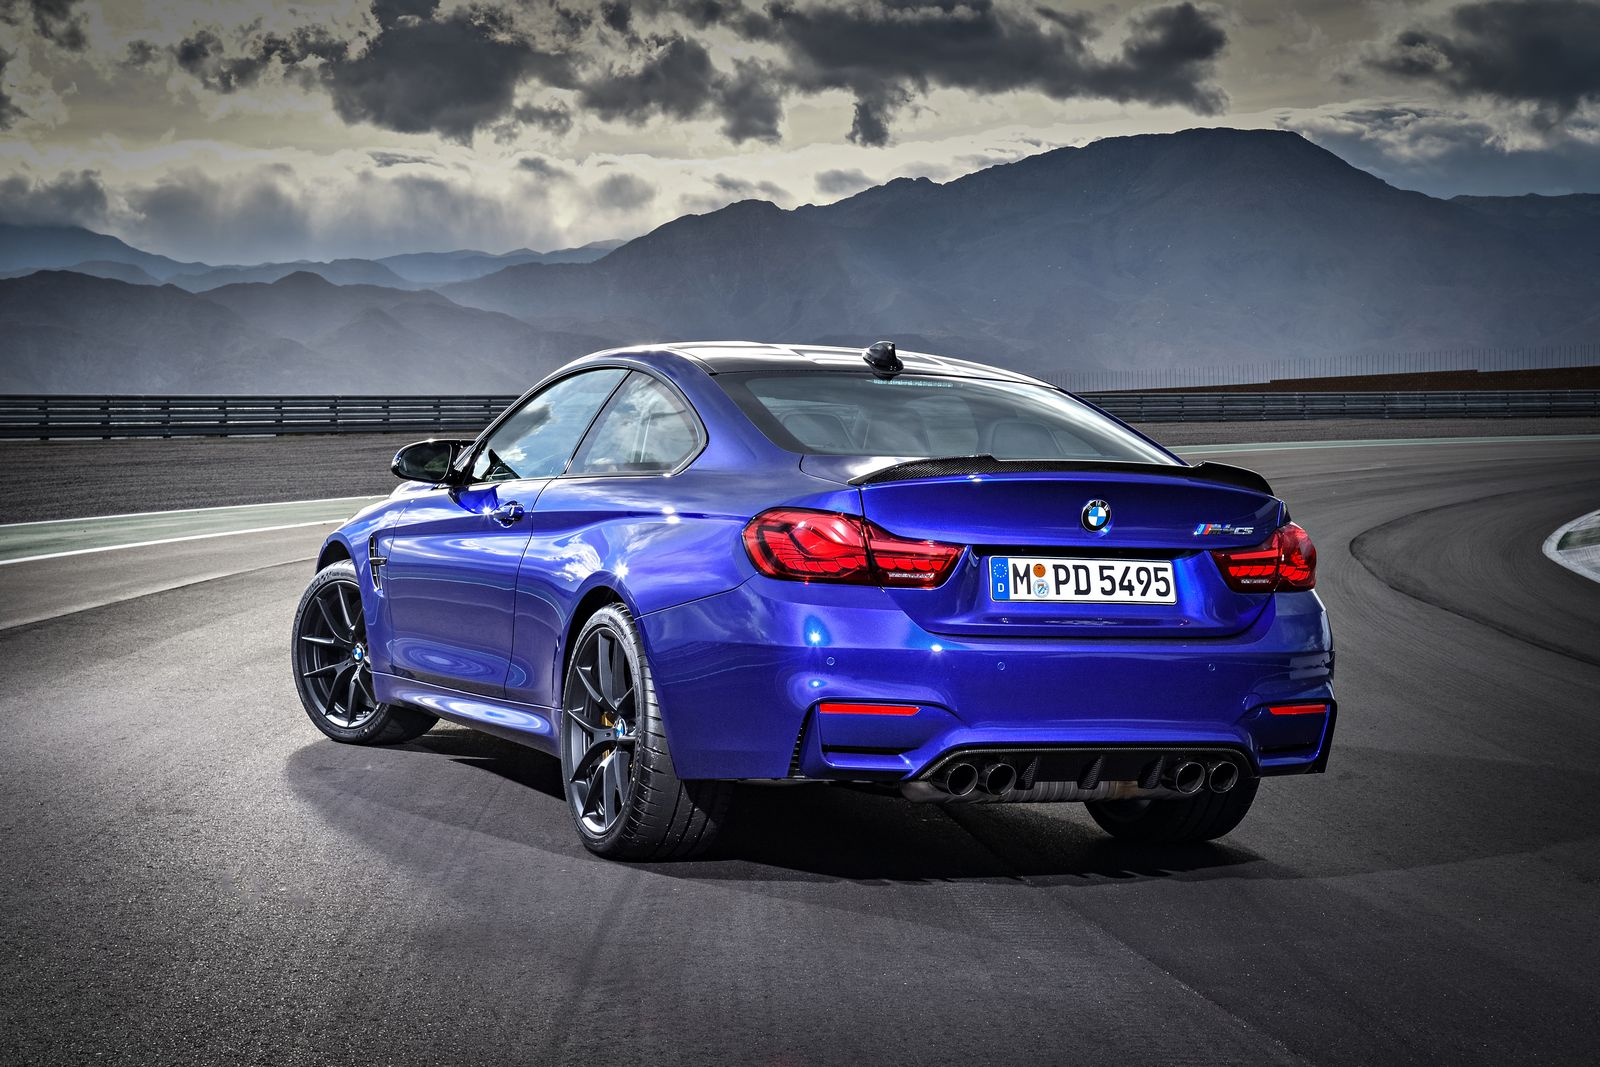 BMW M4 CS : ses 460 chevaux donnent le ton dans la gamme M4